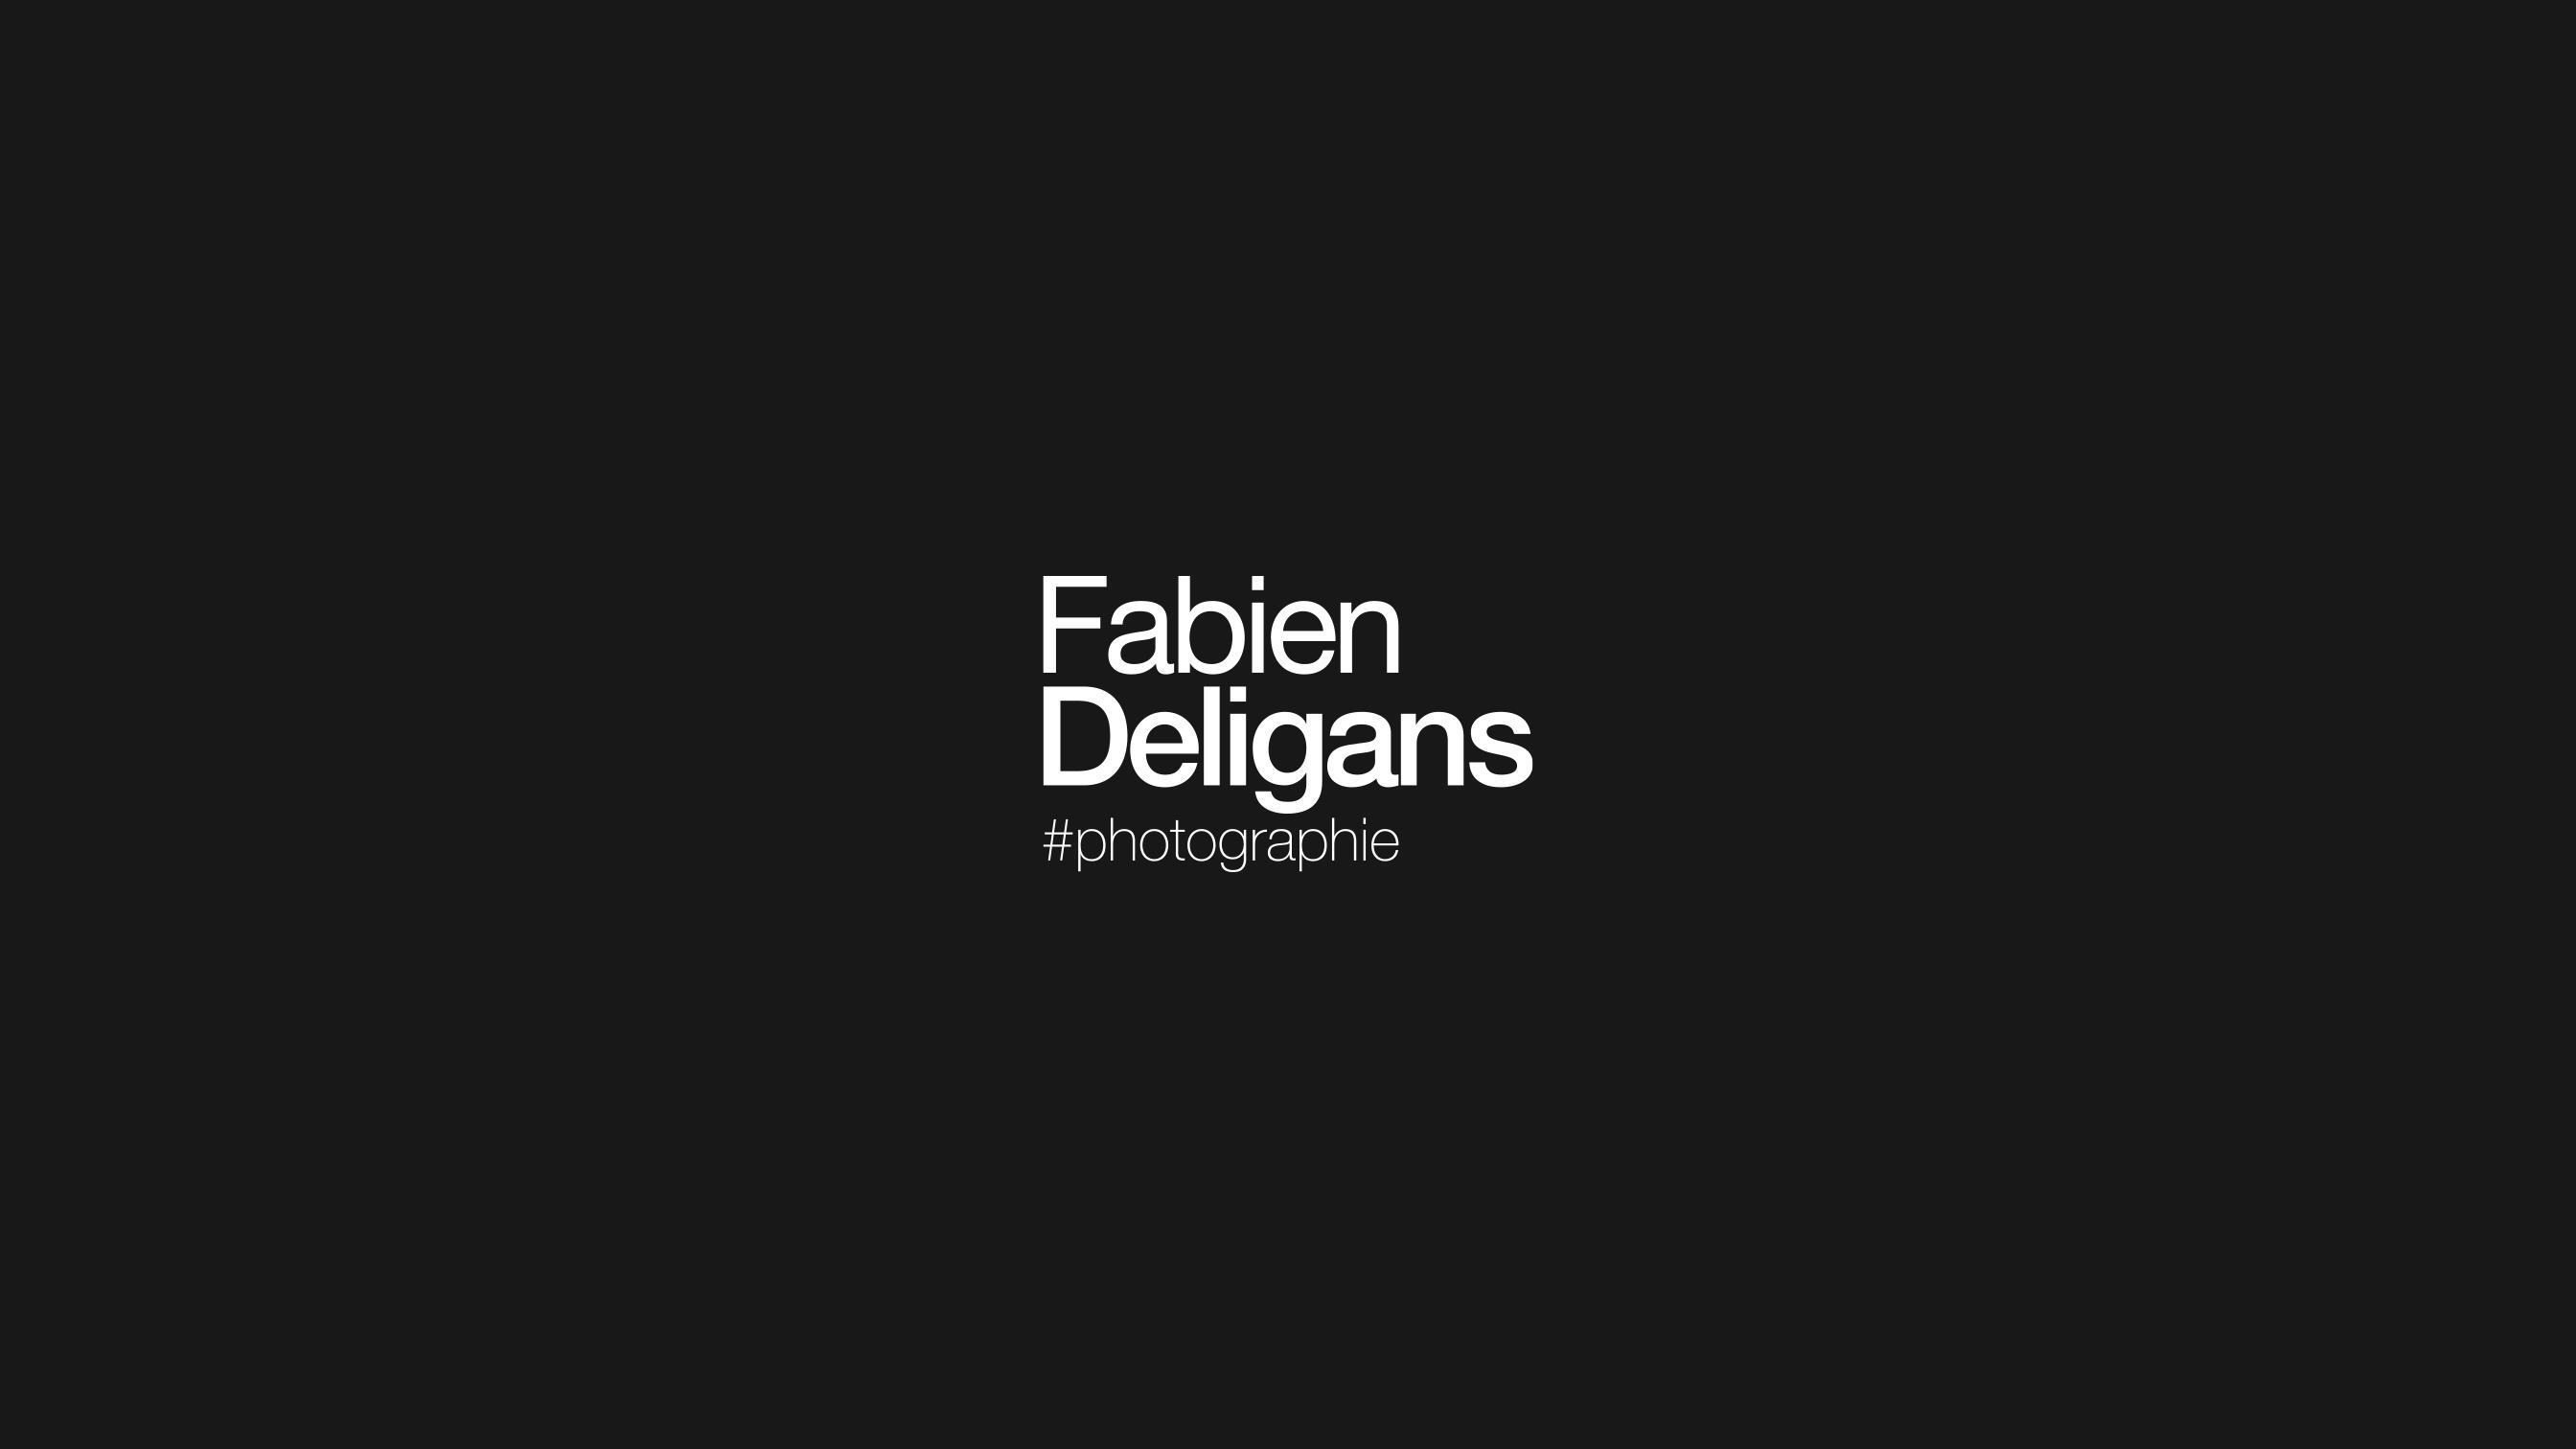 showcase-logotype-fabien-deligans